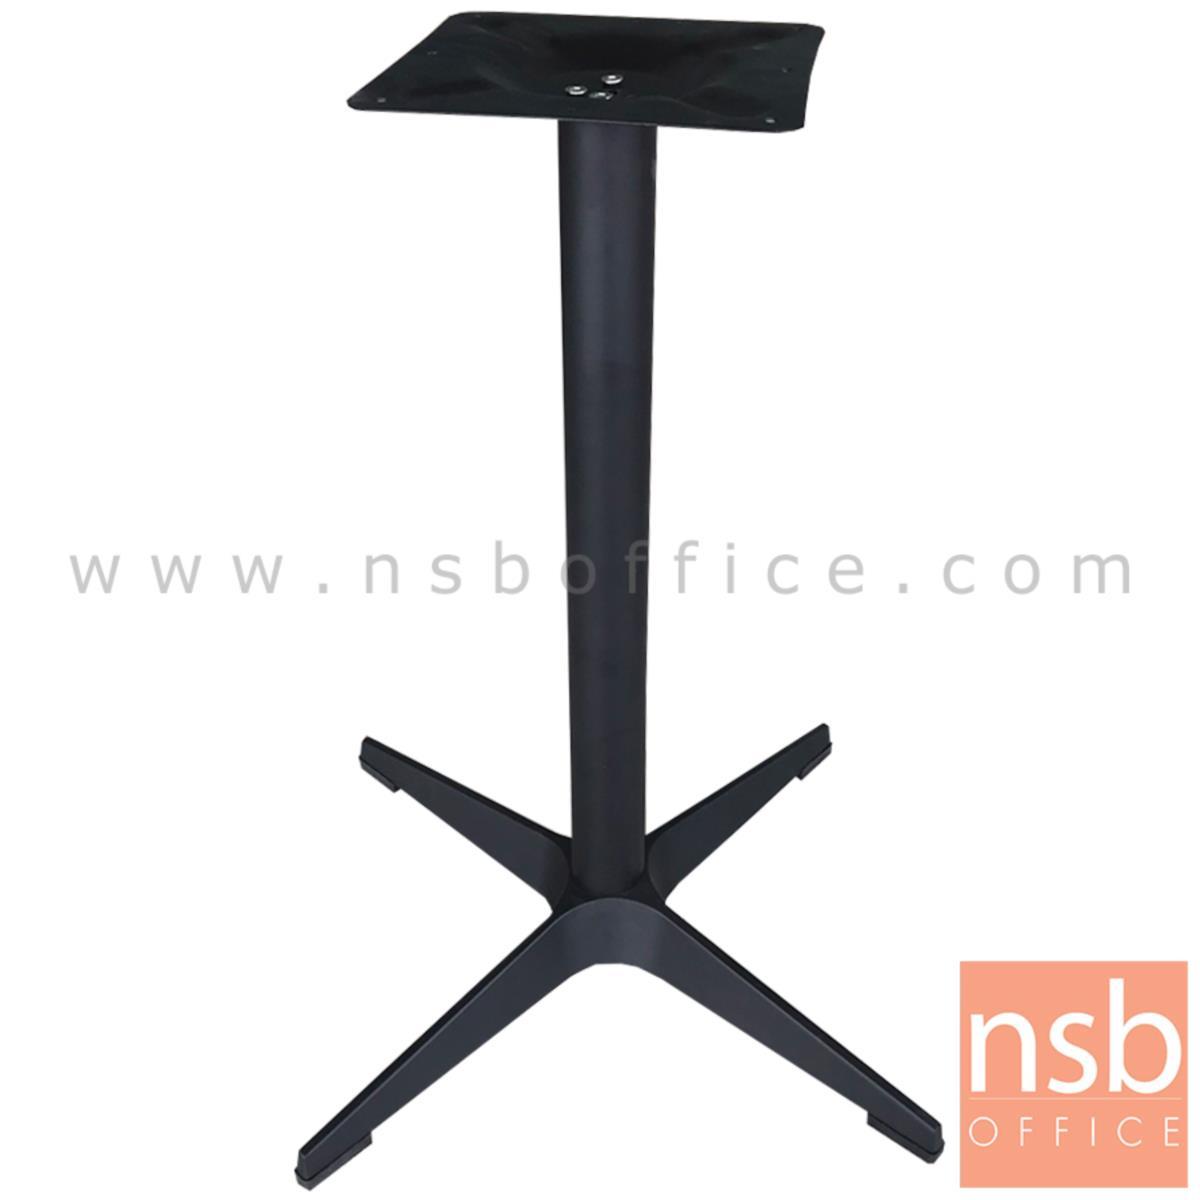 J02A004:ขาโต๊ะบาร์สี่แฉกอลูมิเนียม สีดำ รุ่น MUSKMELON (มัสคเมลัน)